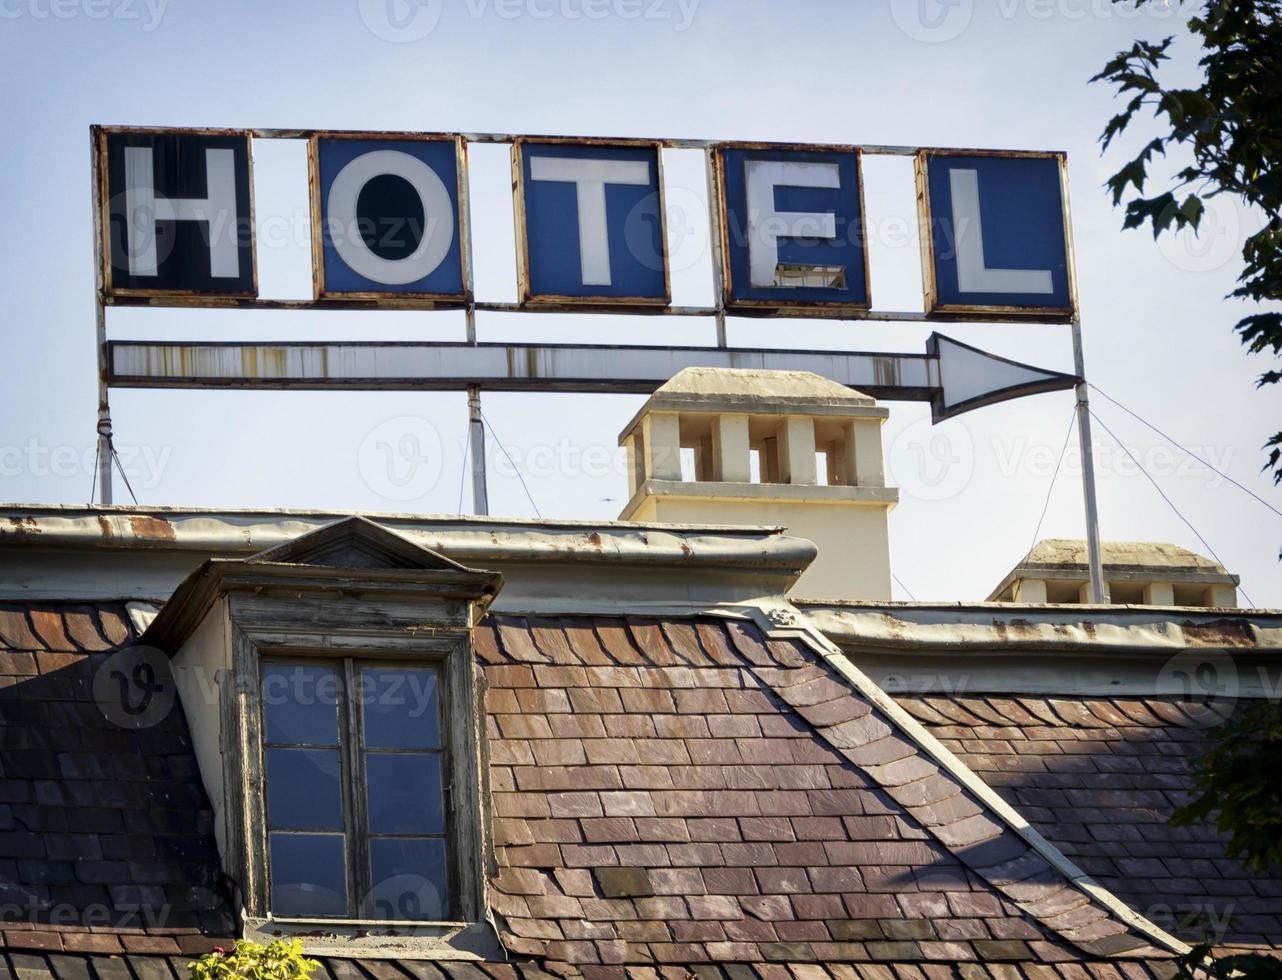 Hotell skylt foto